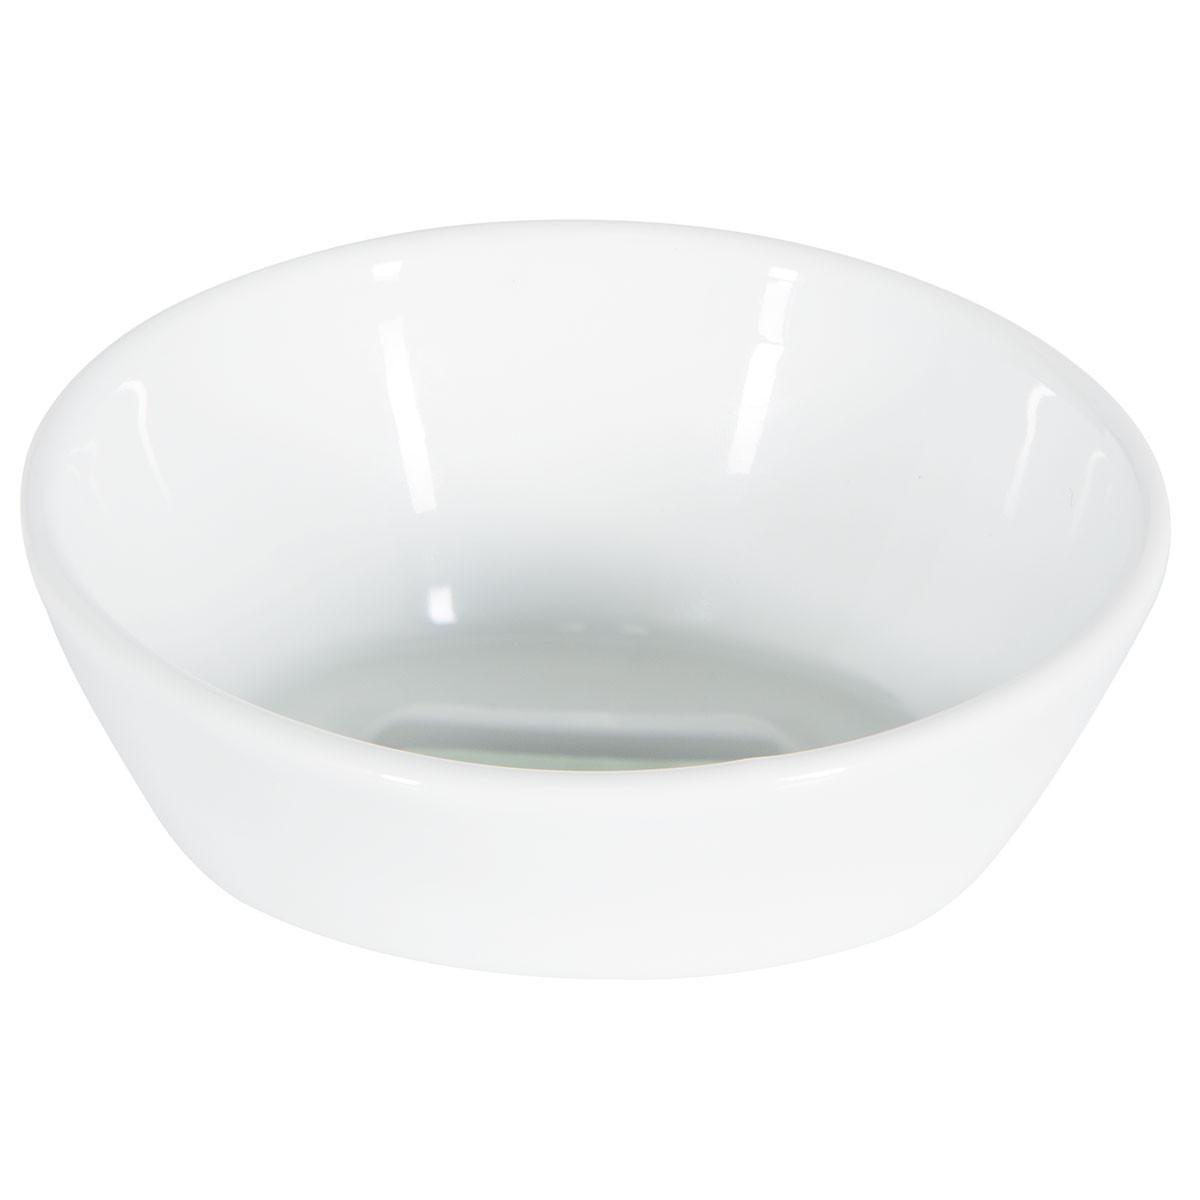 Σαπουνοθήκη Spirella 03187.001 Bali White